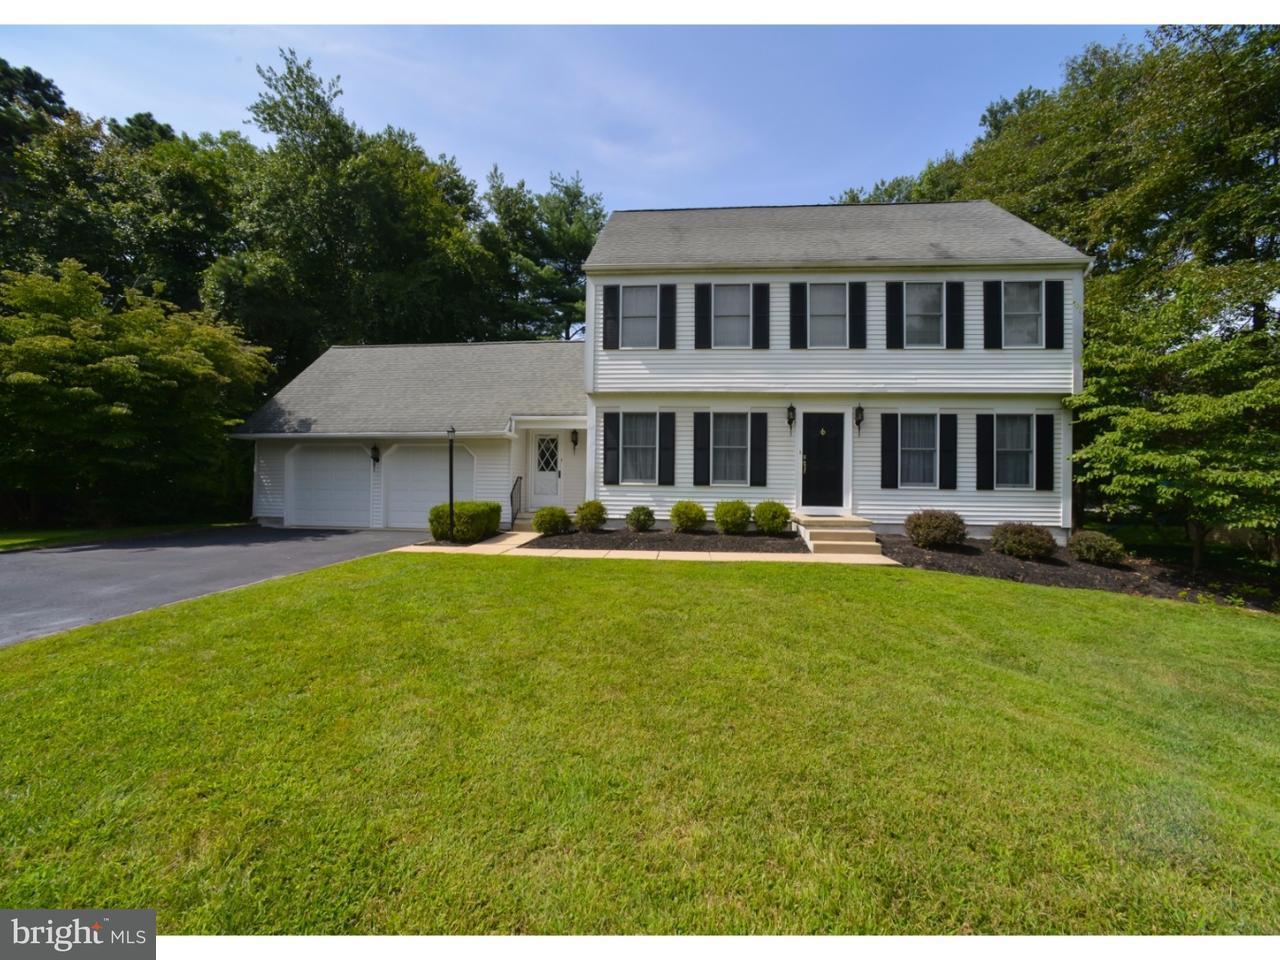 独户住宅 为 销售 在 2 SHERWOOD Court Medford Township, 新泽西州 08055 美国